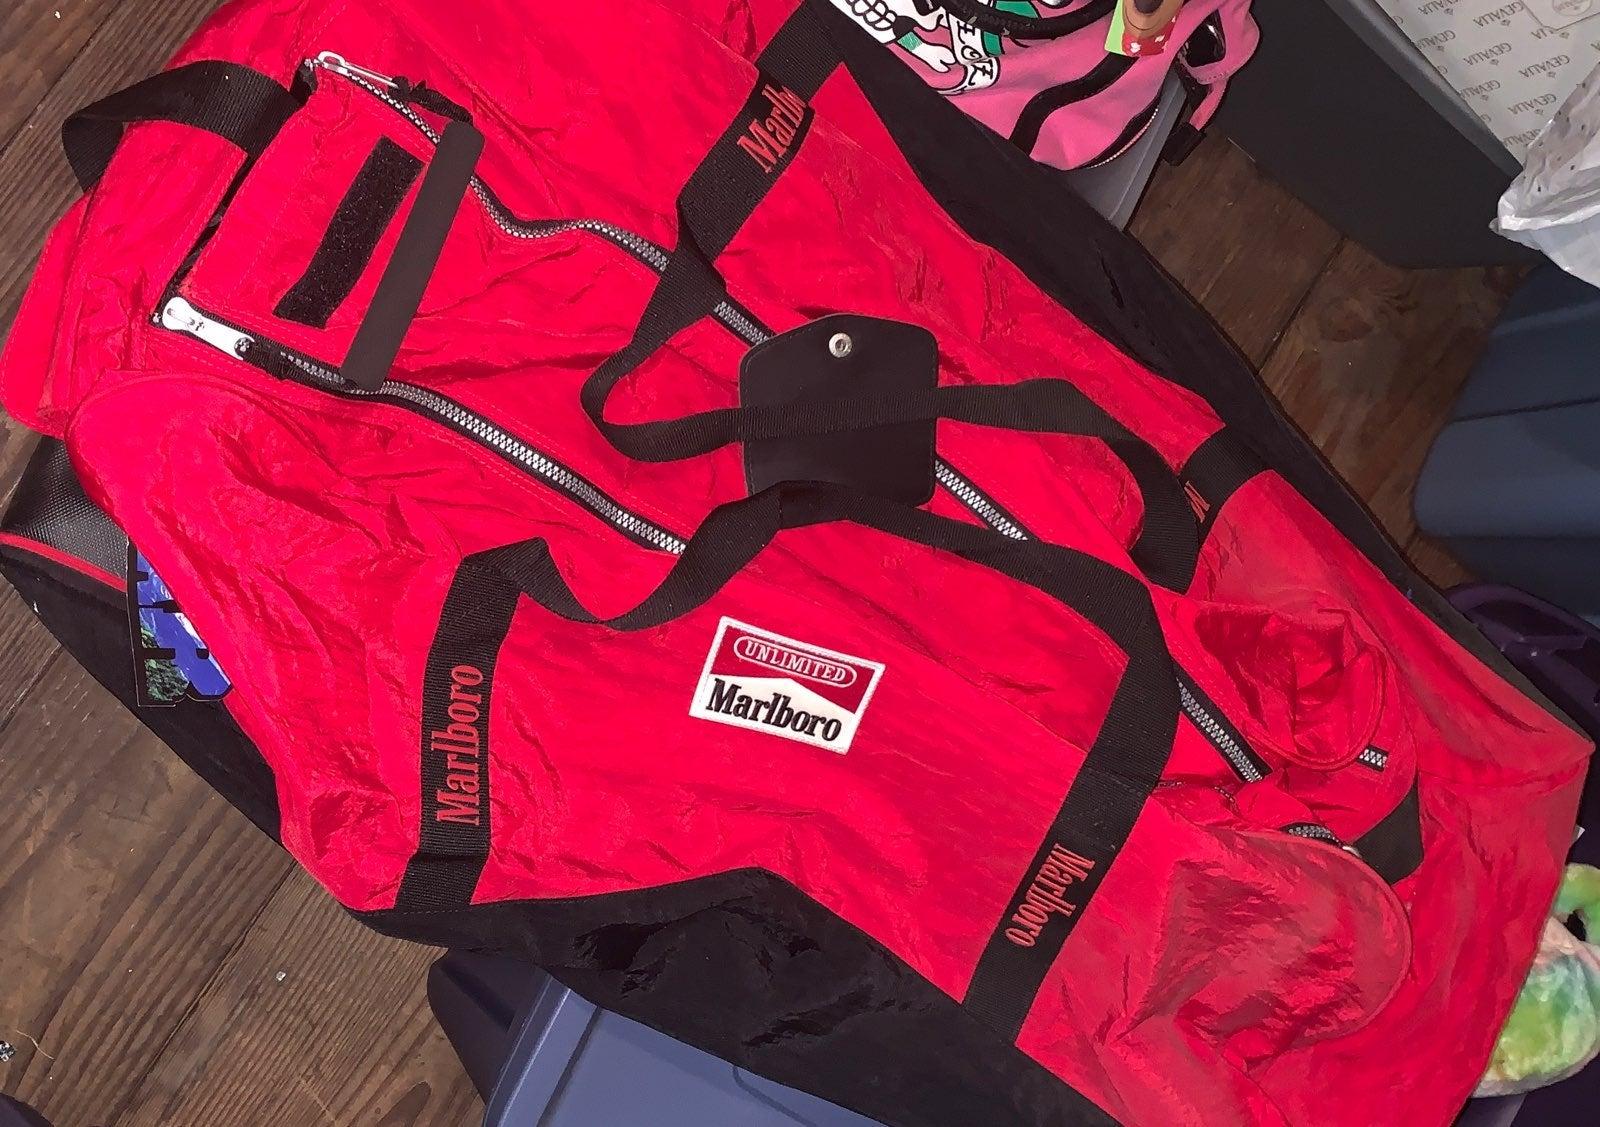 Marlboro unlimited duffel bag